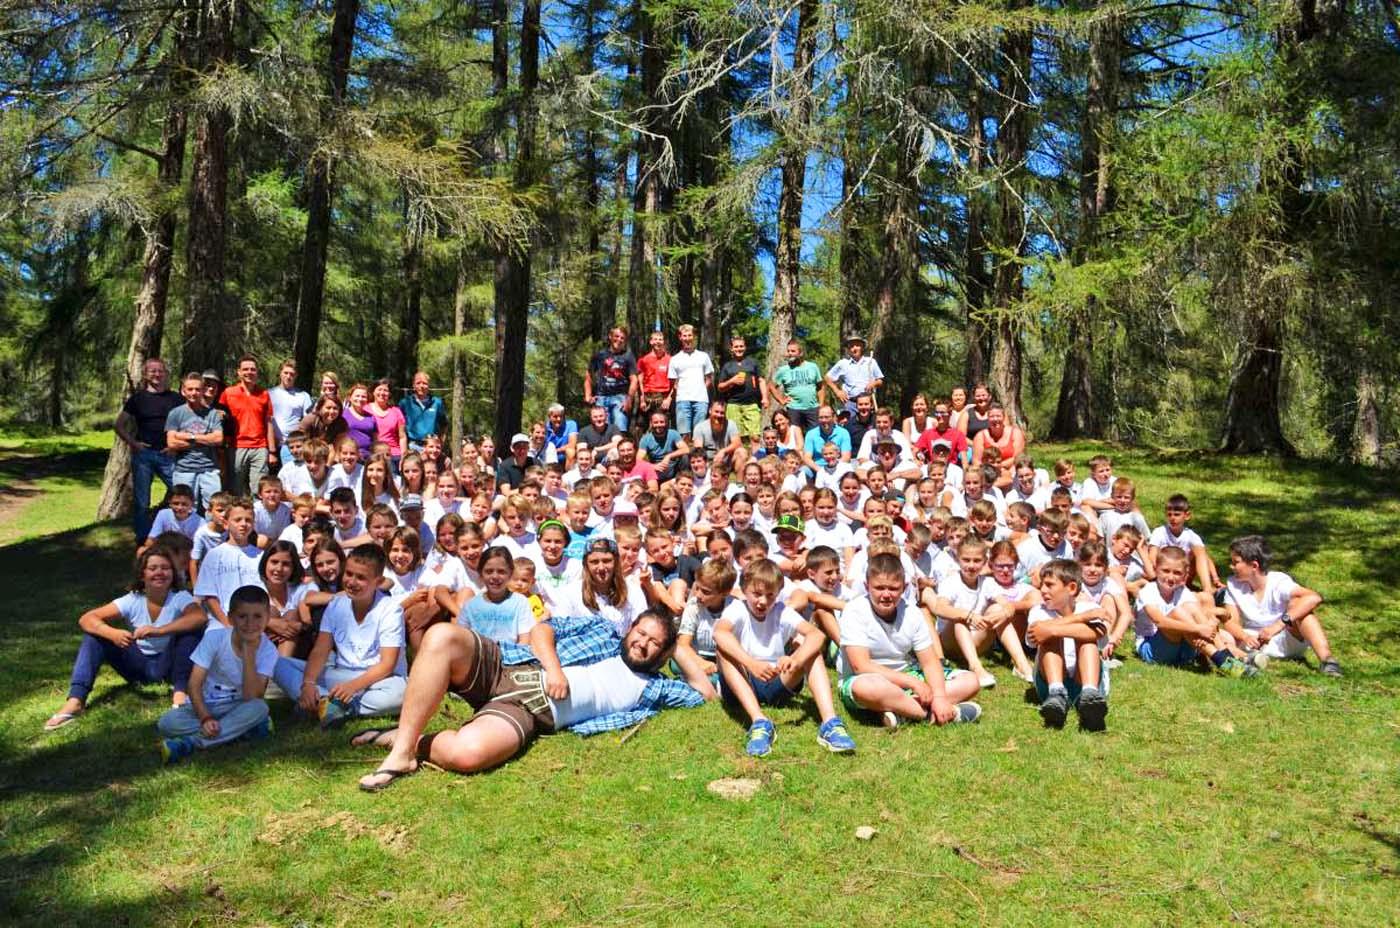 Jungschützenzeltlager in Altrei: großer Erfolg für 111 Kinder und Jugendliche